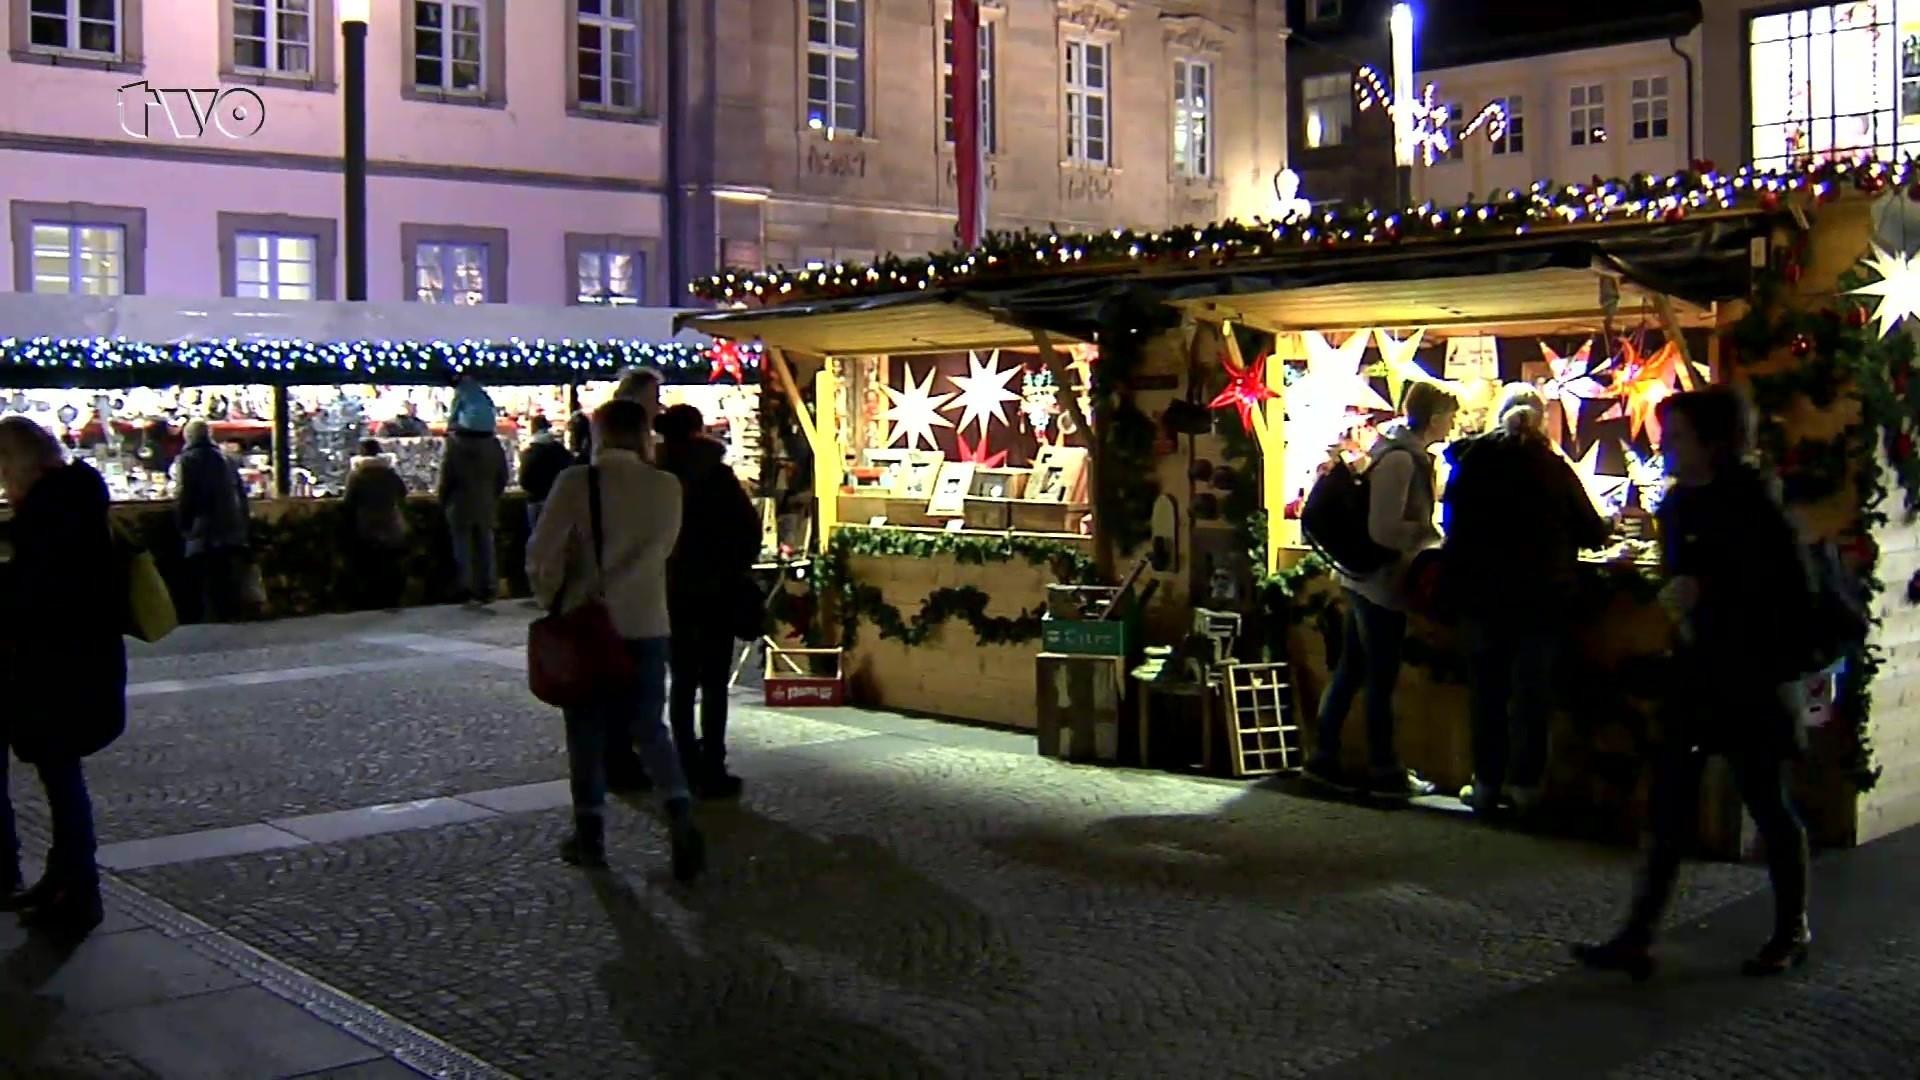 Weihnachtsmarkt Bamberg.Bamberg Weihnachtsmarkt 2017 Eröffnet Tvo De